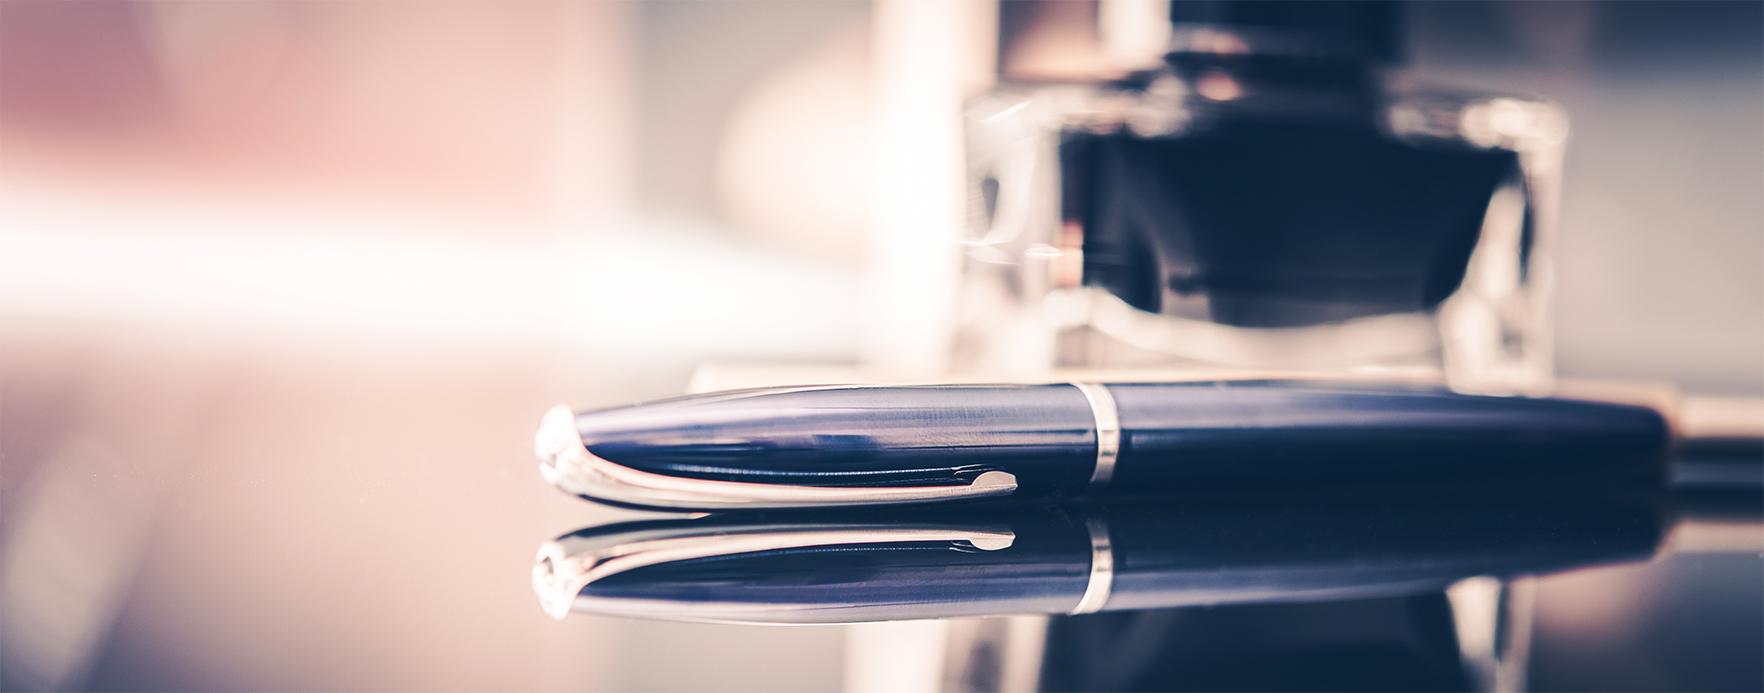 2018 Preqin Private Capital Fund Terms Advisor